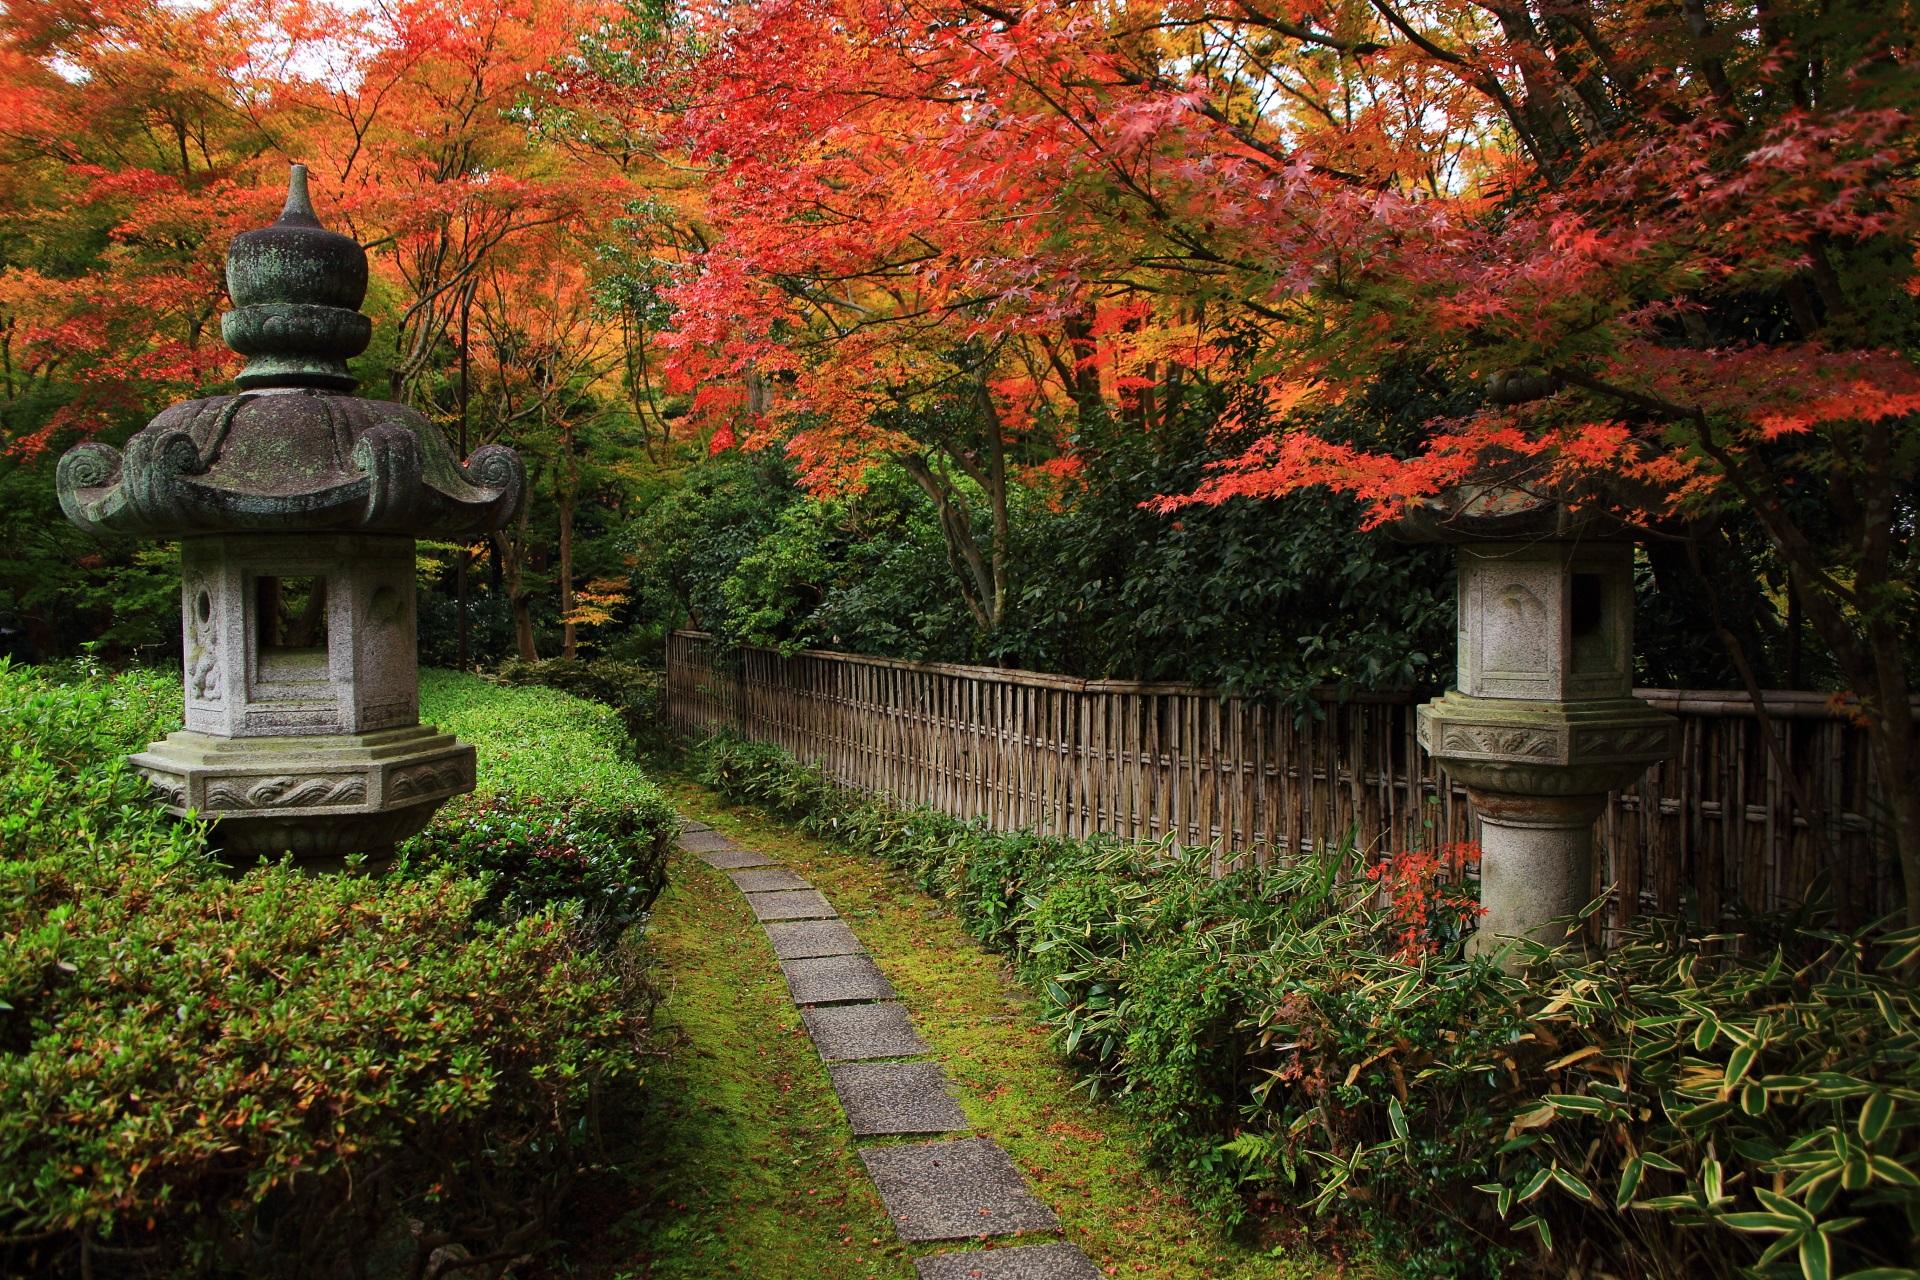 来迎院の秋色に染まった風情ある石の参道と竹垣